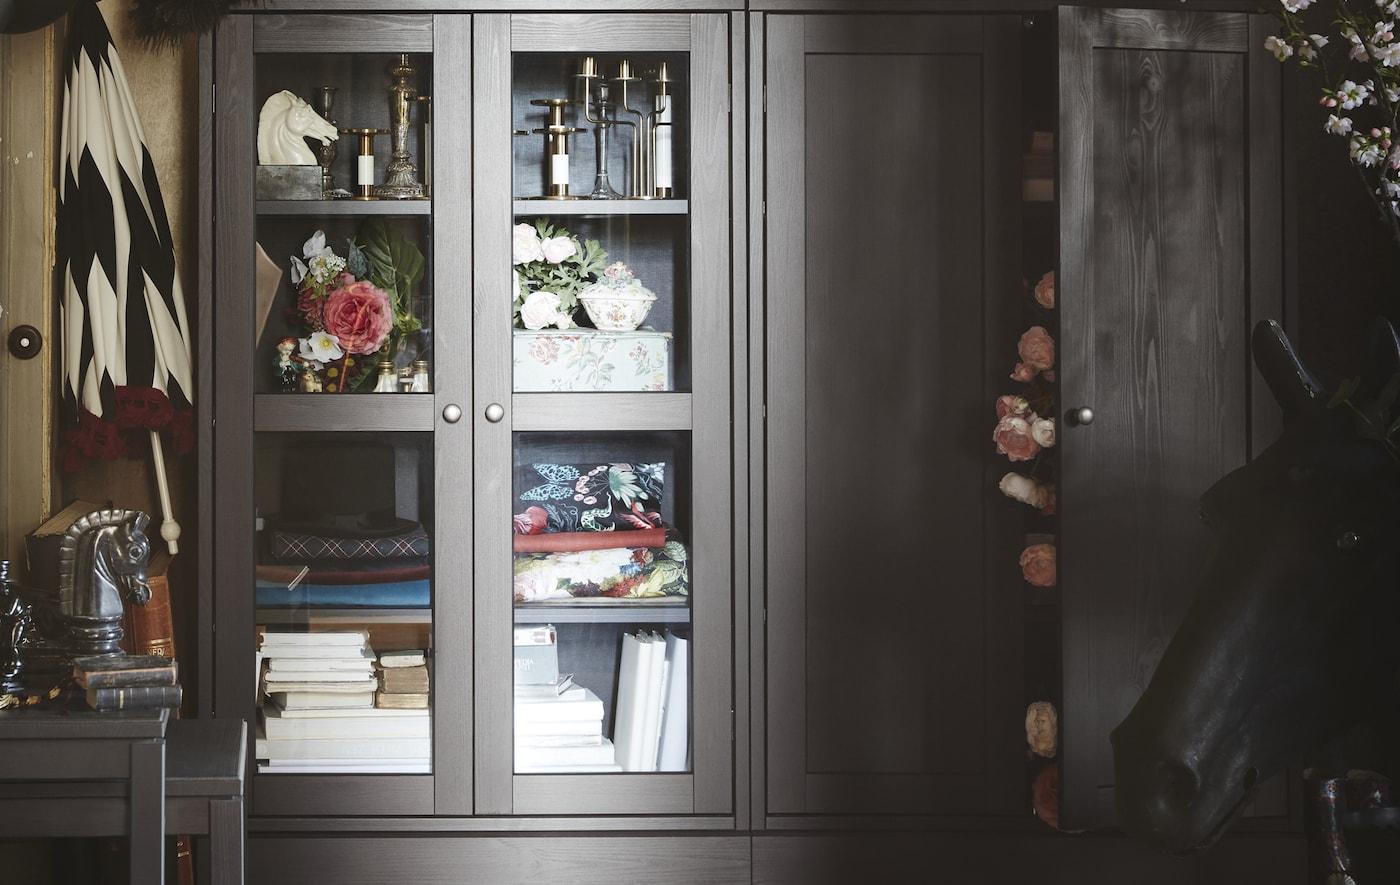 Dulap HAVSTA cu uși din sticlă, cu flori, cărți și sfeșnice.